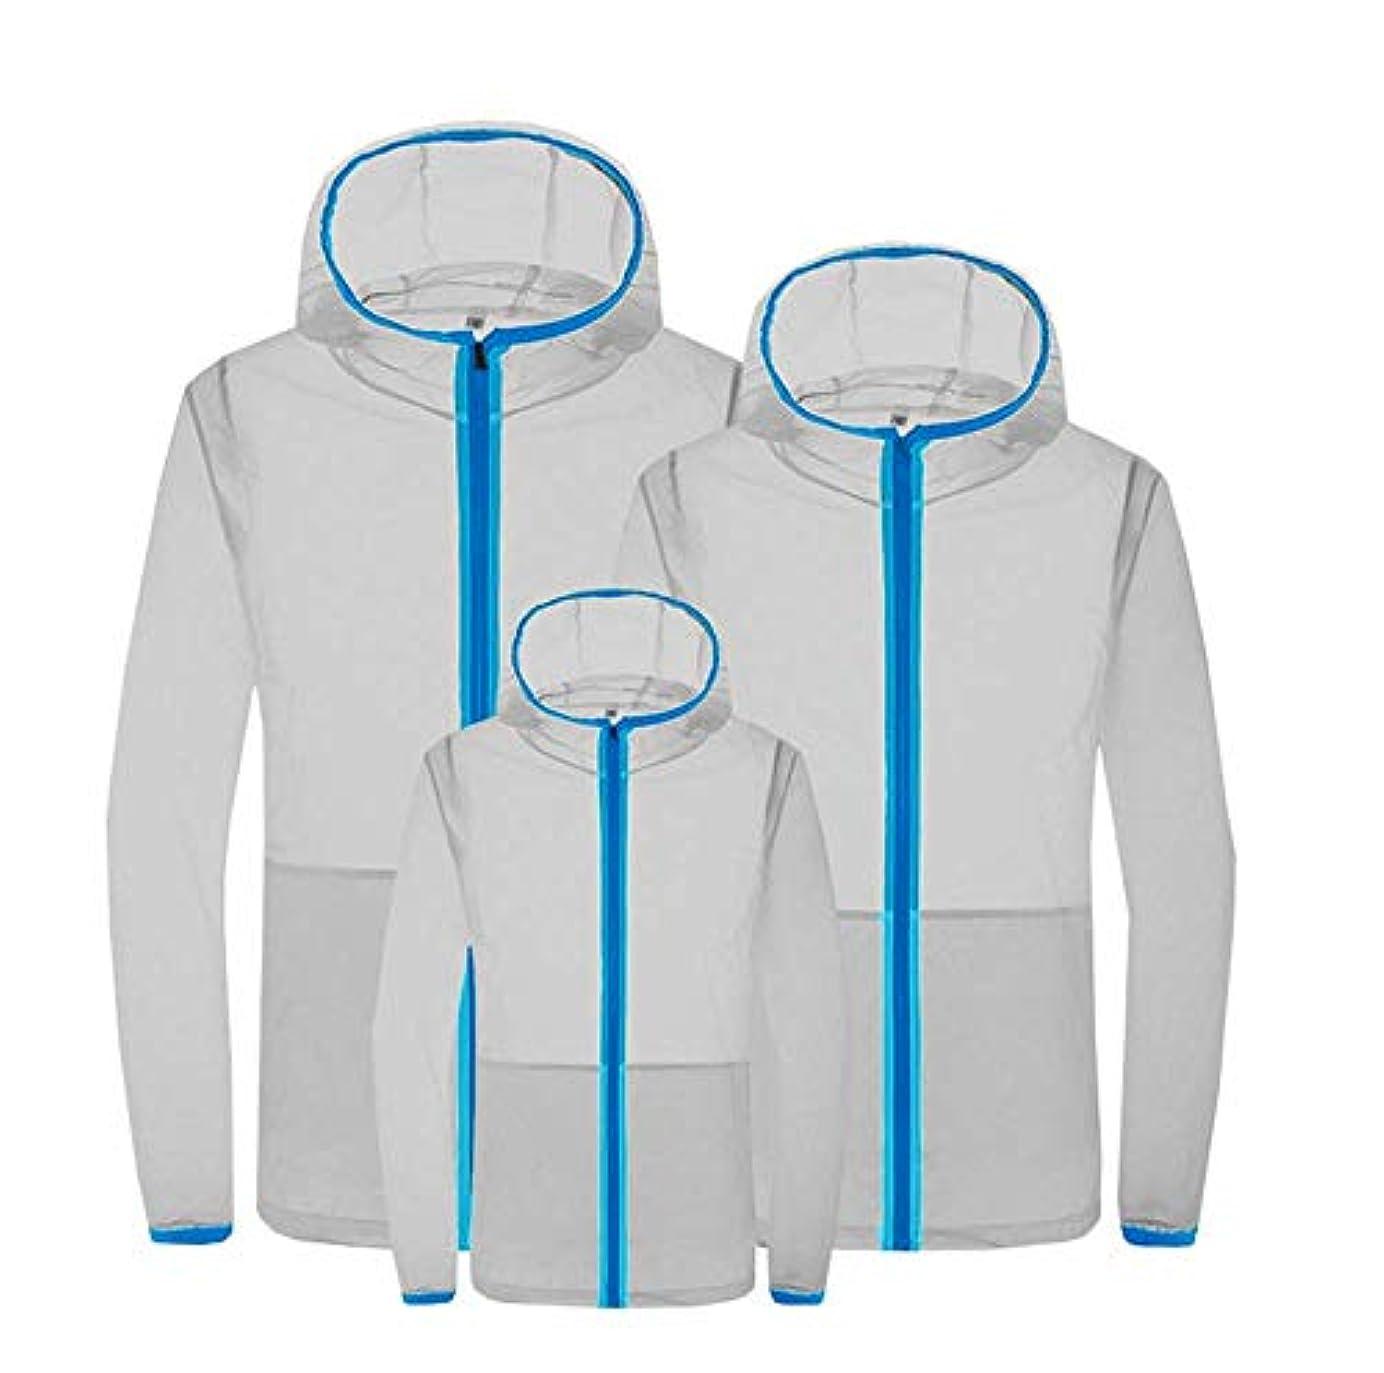 定期的な私たちダウンタウン夏のエアコンスーツスマート3速冷却スーツ日焼け防止服防滴防蚊服ファン冷却肌の服,Gray,S